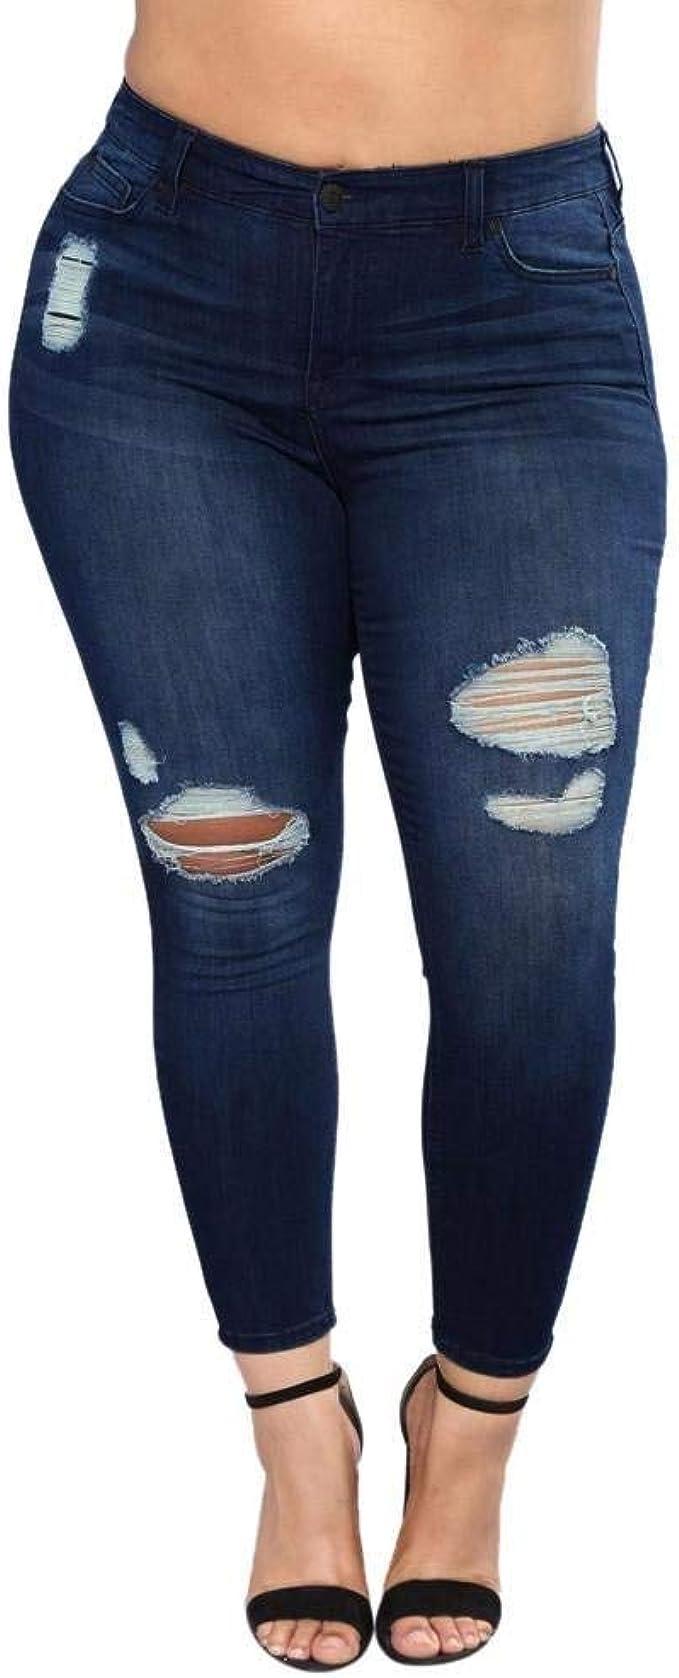 Bolawoo Pantalones De Mezclilla Rasgados Para Mujer De De Pantalones Mezclilla Moda Pantalones De Mode De Marca Mezclilla Flacos De Cintura Alta Pantalones De Agujero De Talla Grande Pantalones Amazon Es Ropa Y